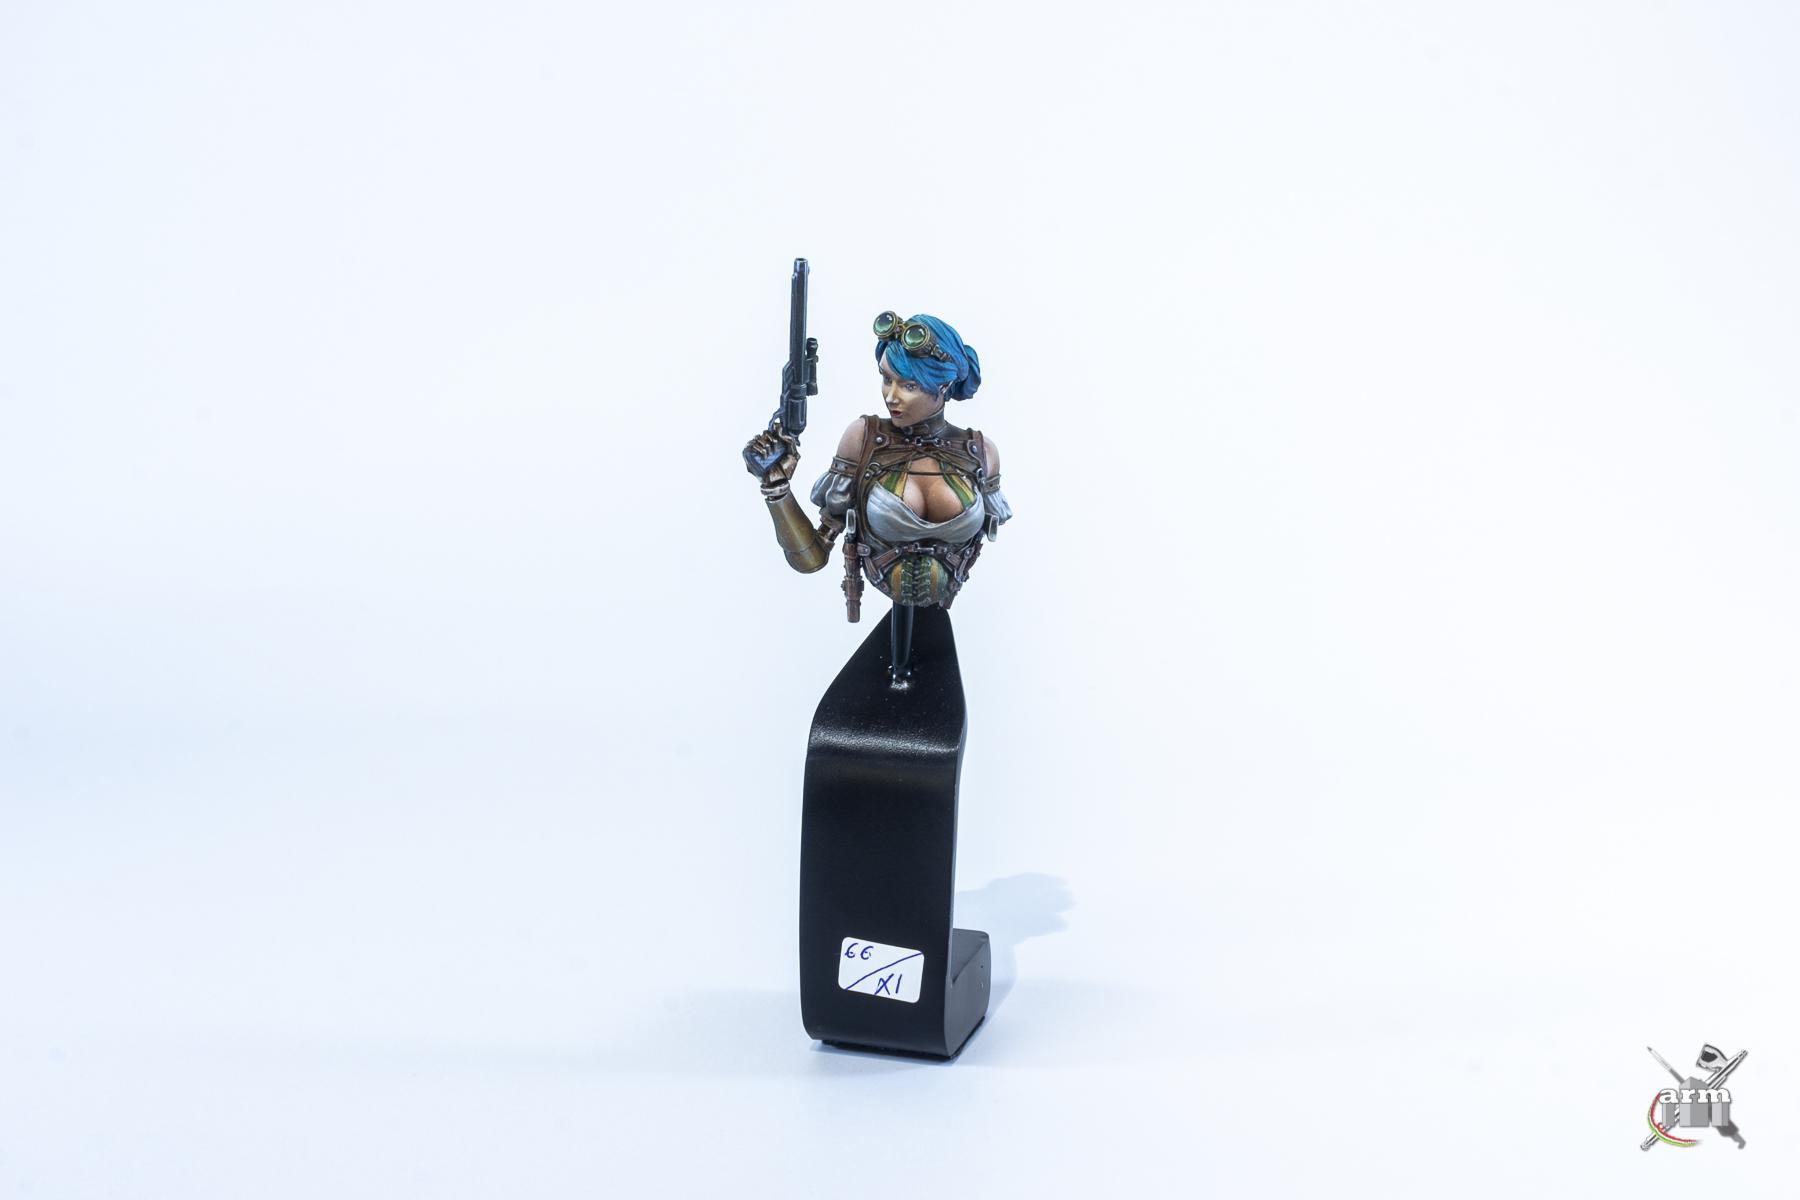 ARM18-010